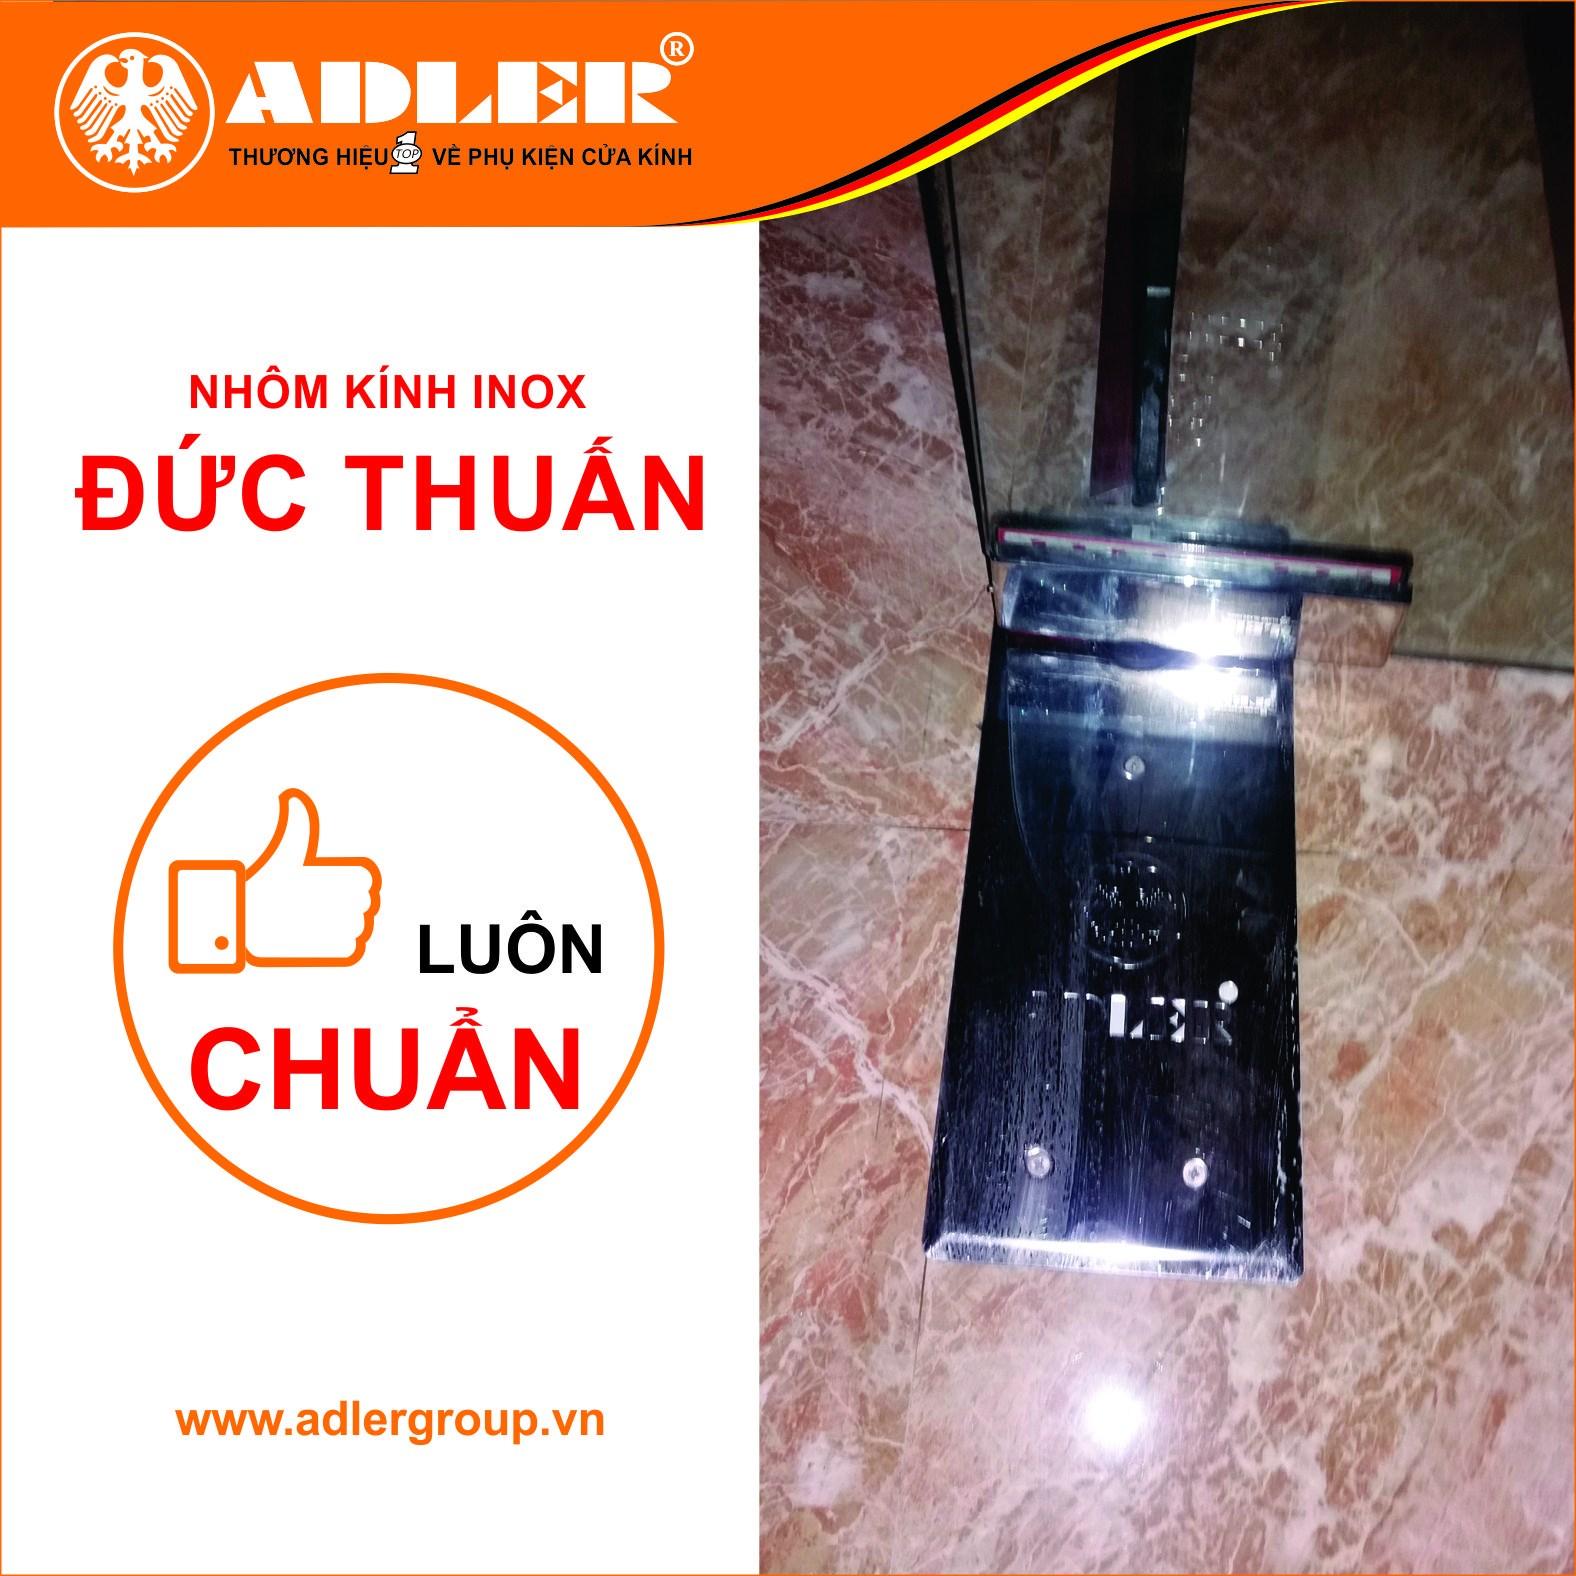 Bản lề sàn Adler - Chất lượng thương hiệu uy tín trên thị trường Việt.